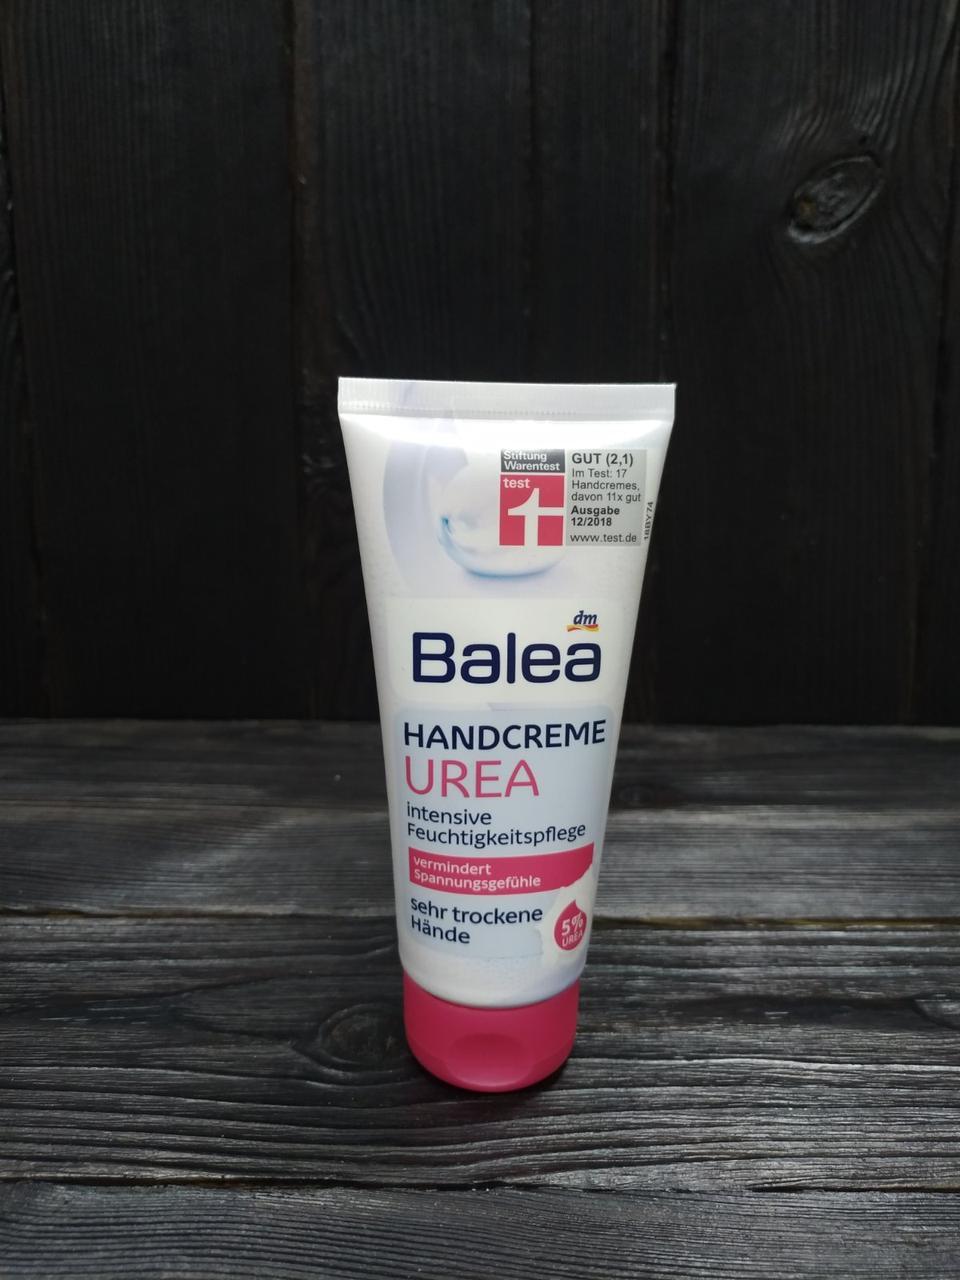 Balea Urea Крем для рук 100 ml